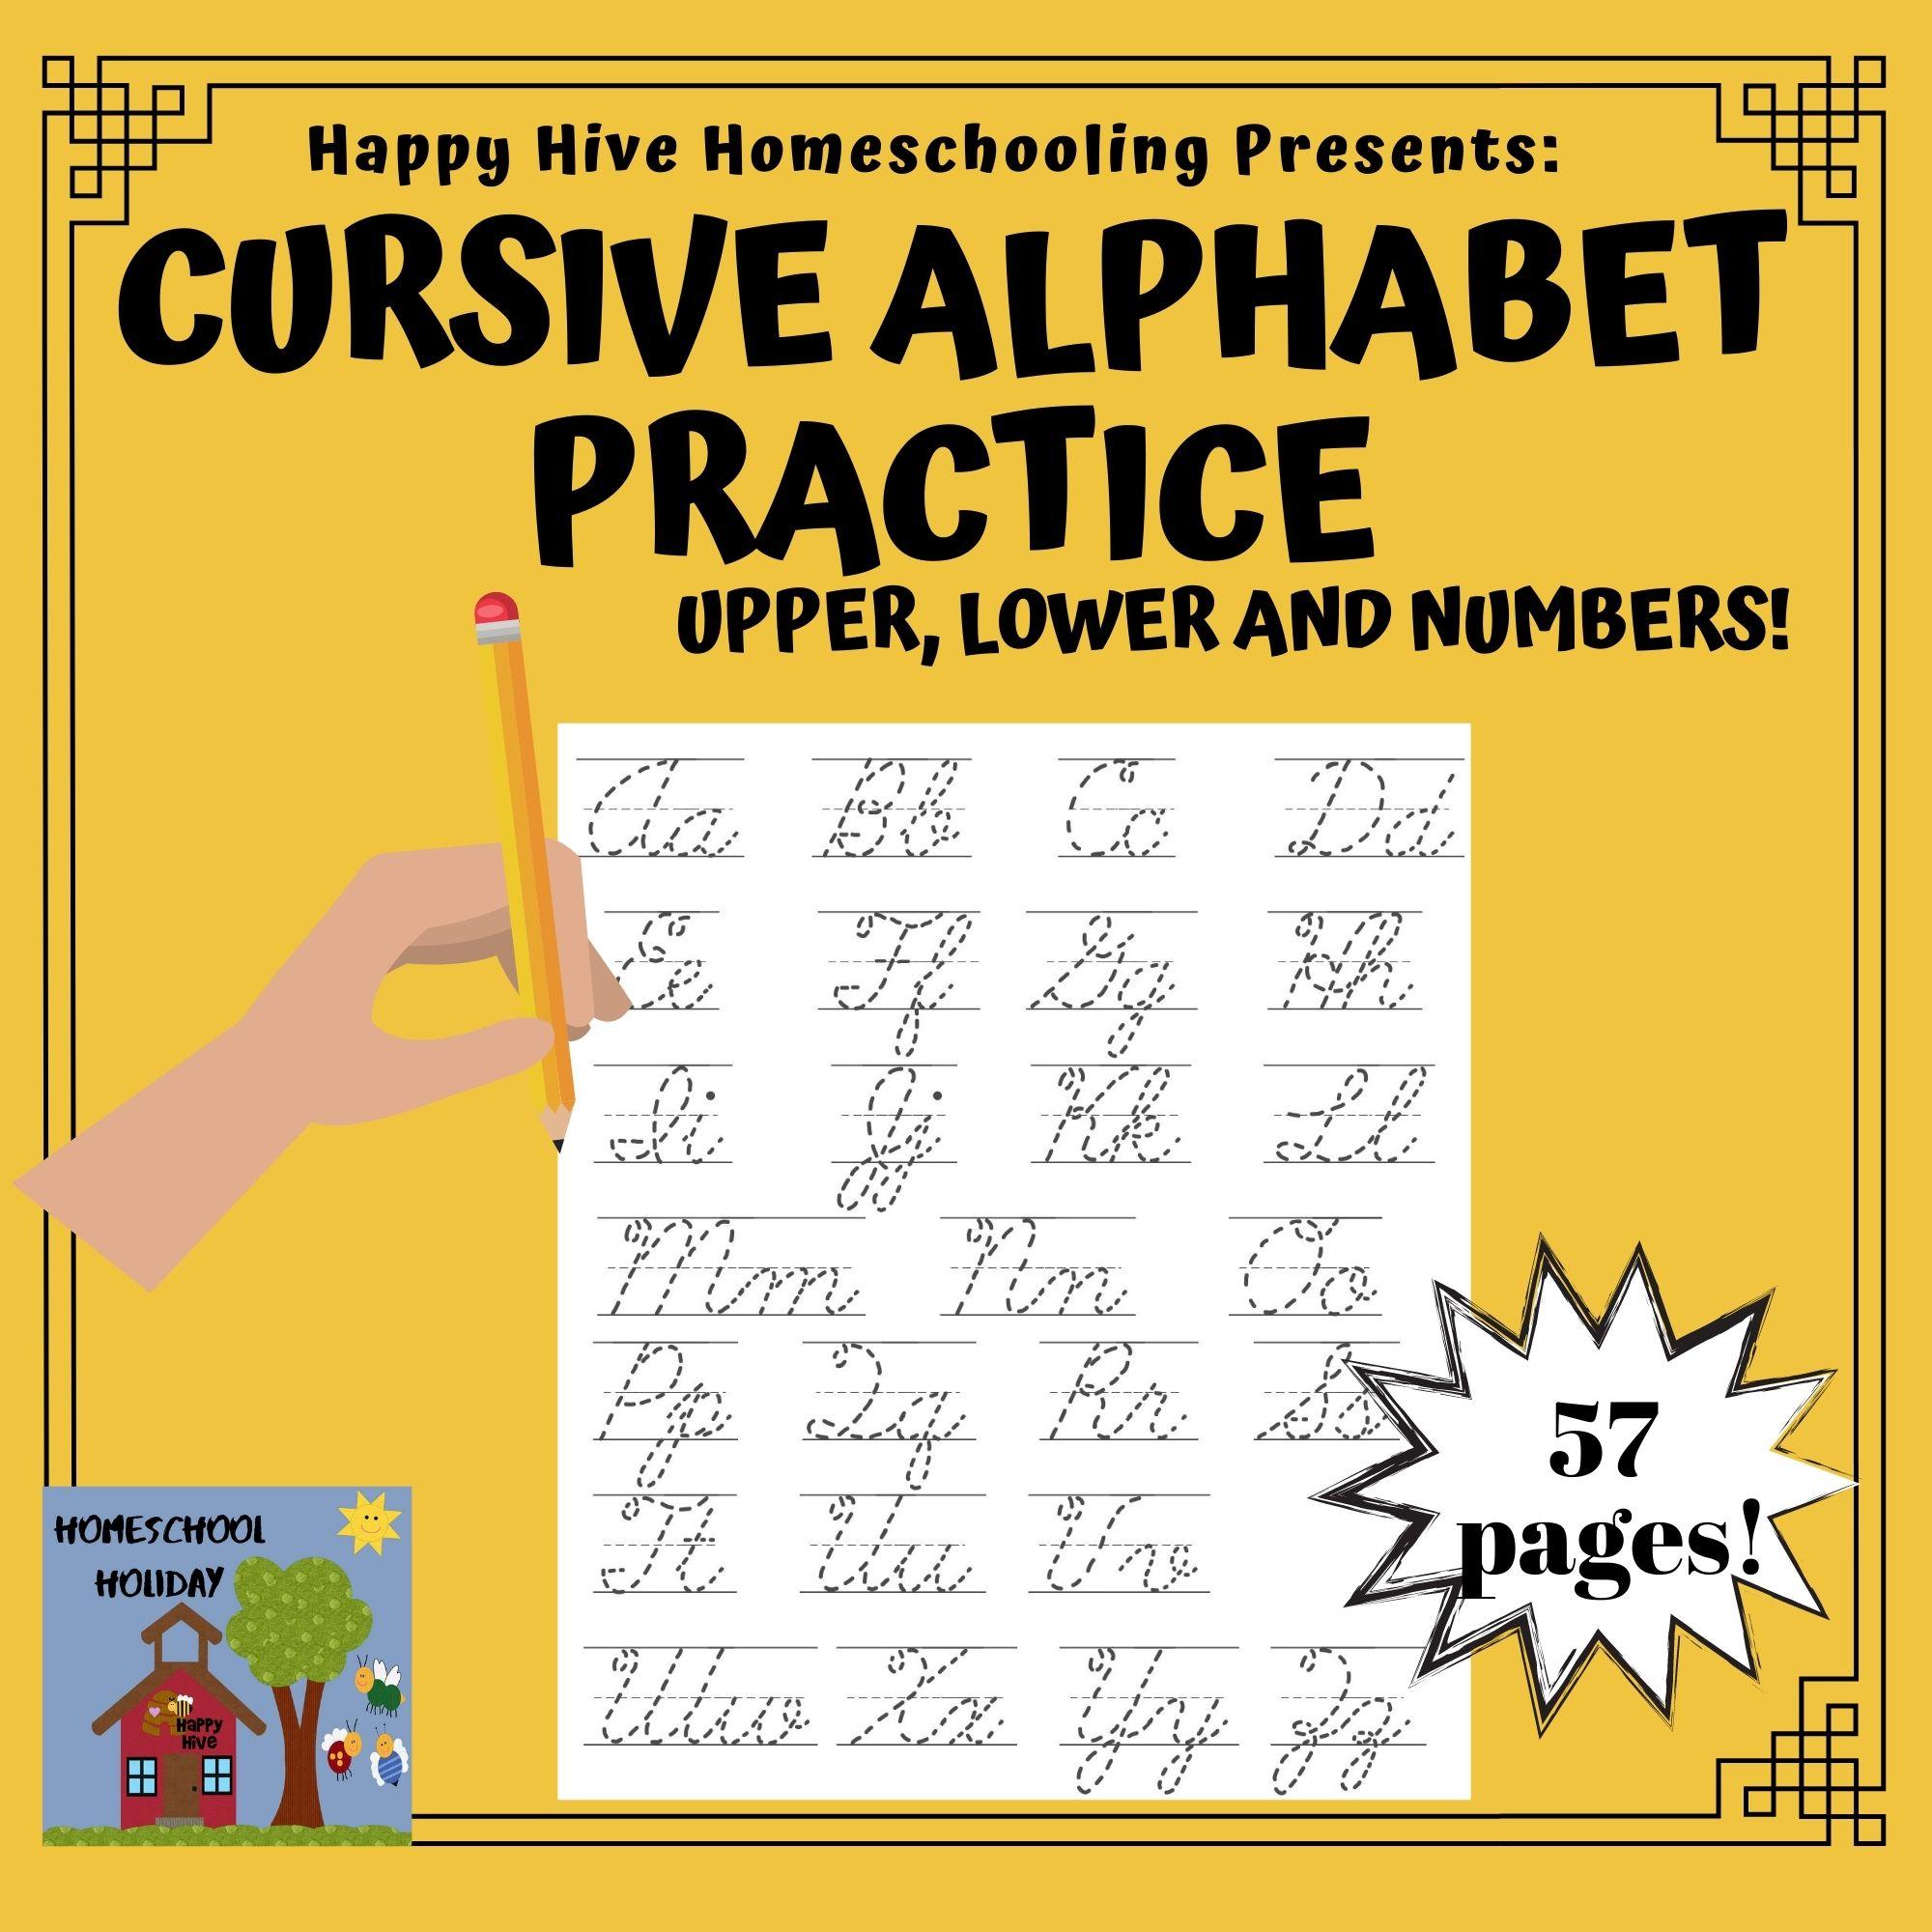 alphabet-tracing-cover-cursive.jpg